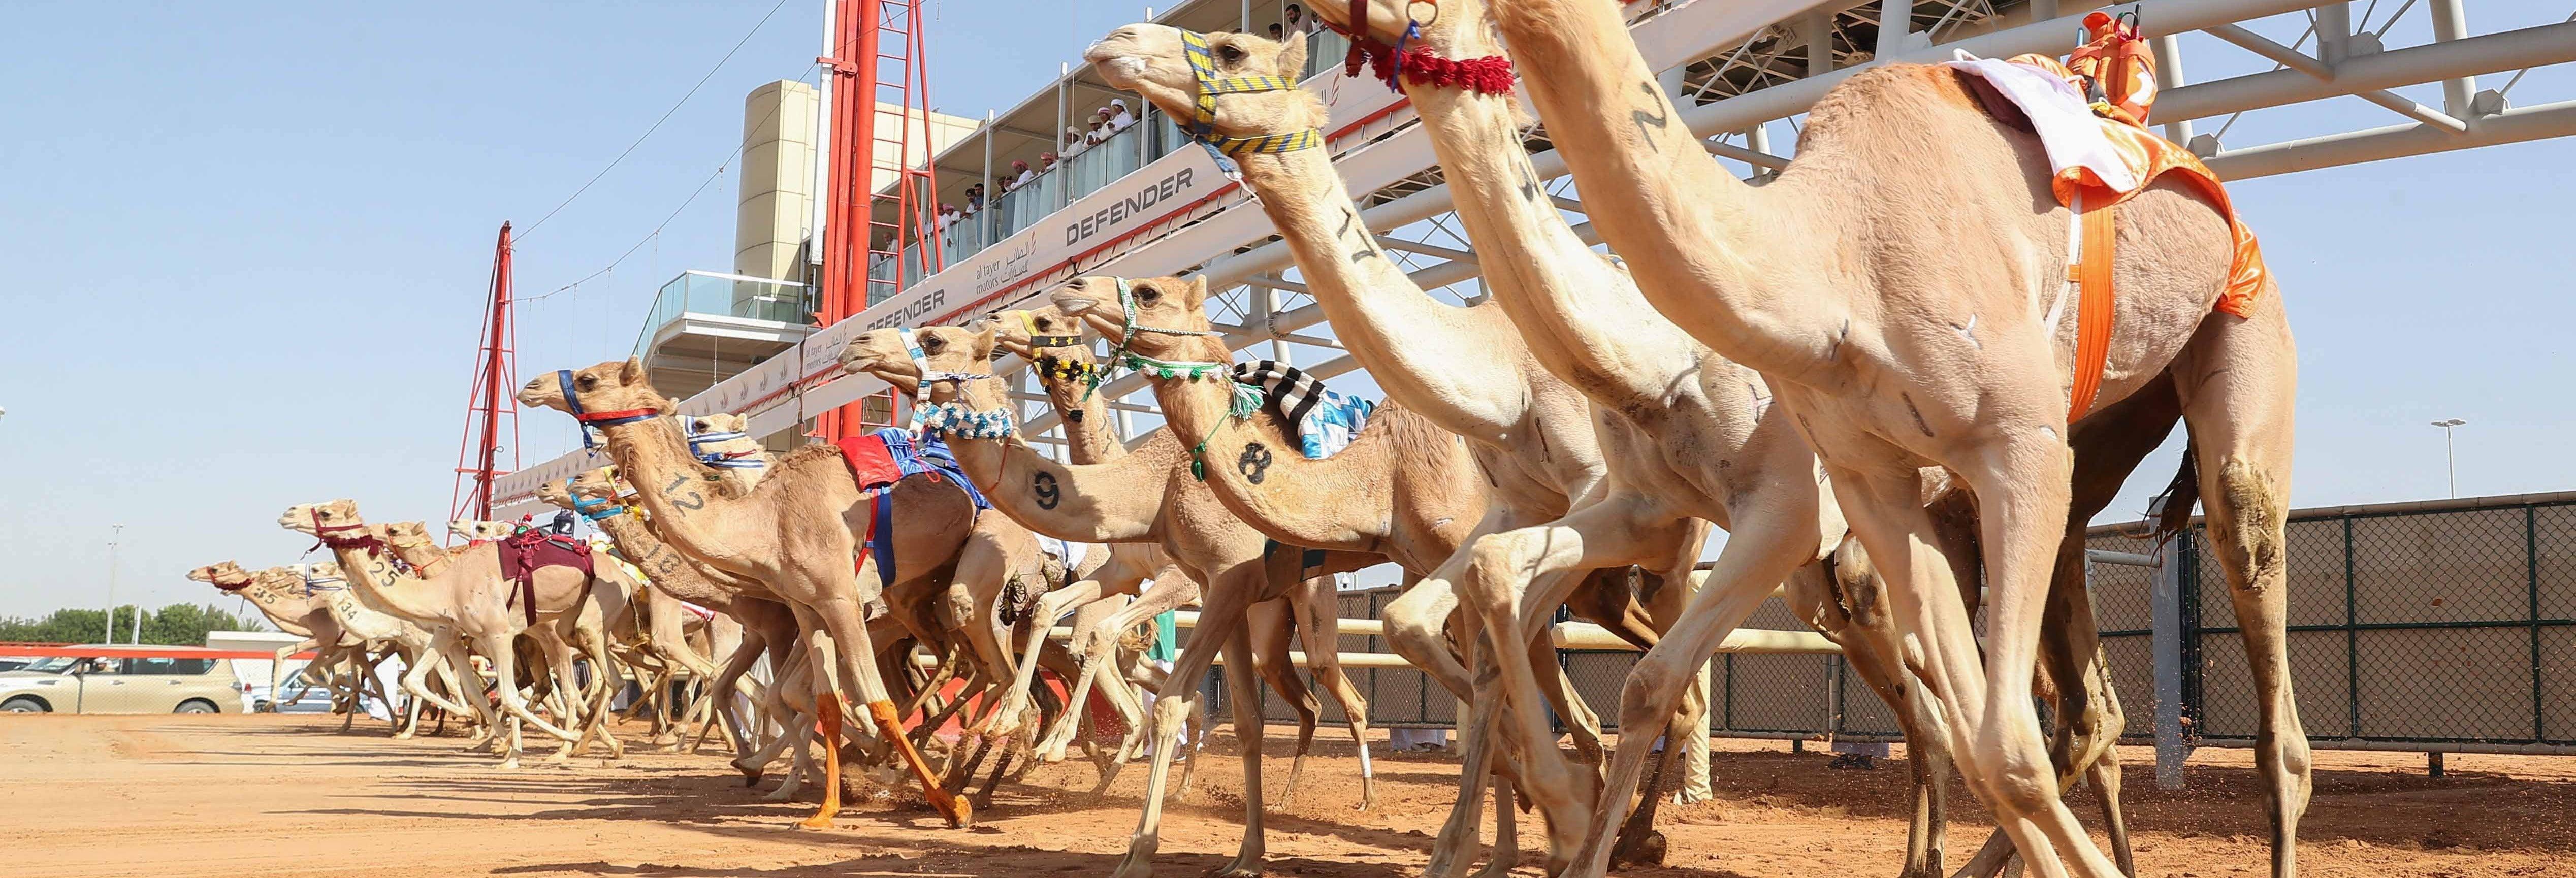 Visita al Royal Camel Racing Club